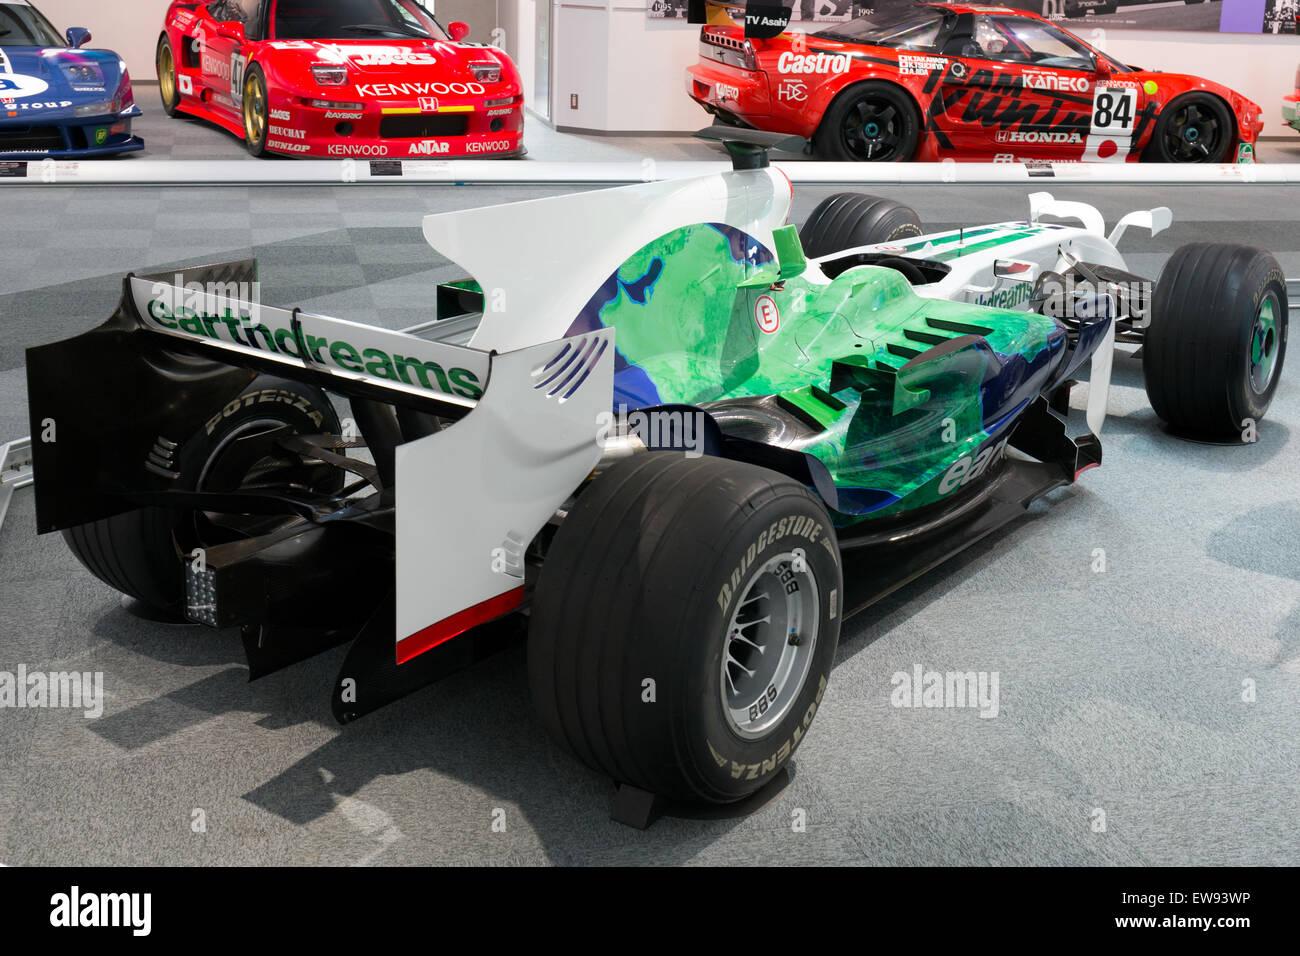 honda-ra108-destro-posteriore-honda-collection-hall-ew93wp.jpg